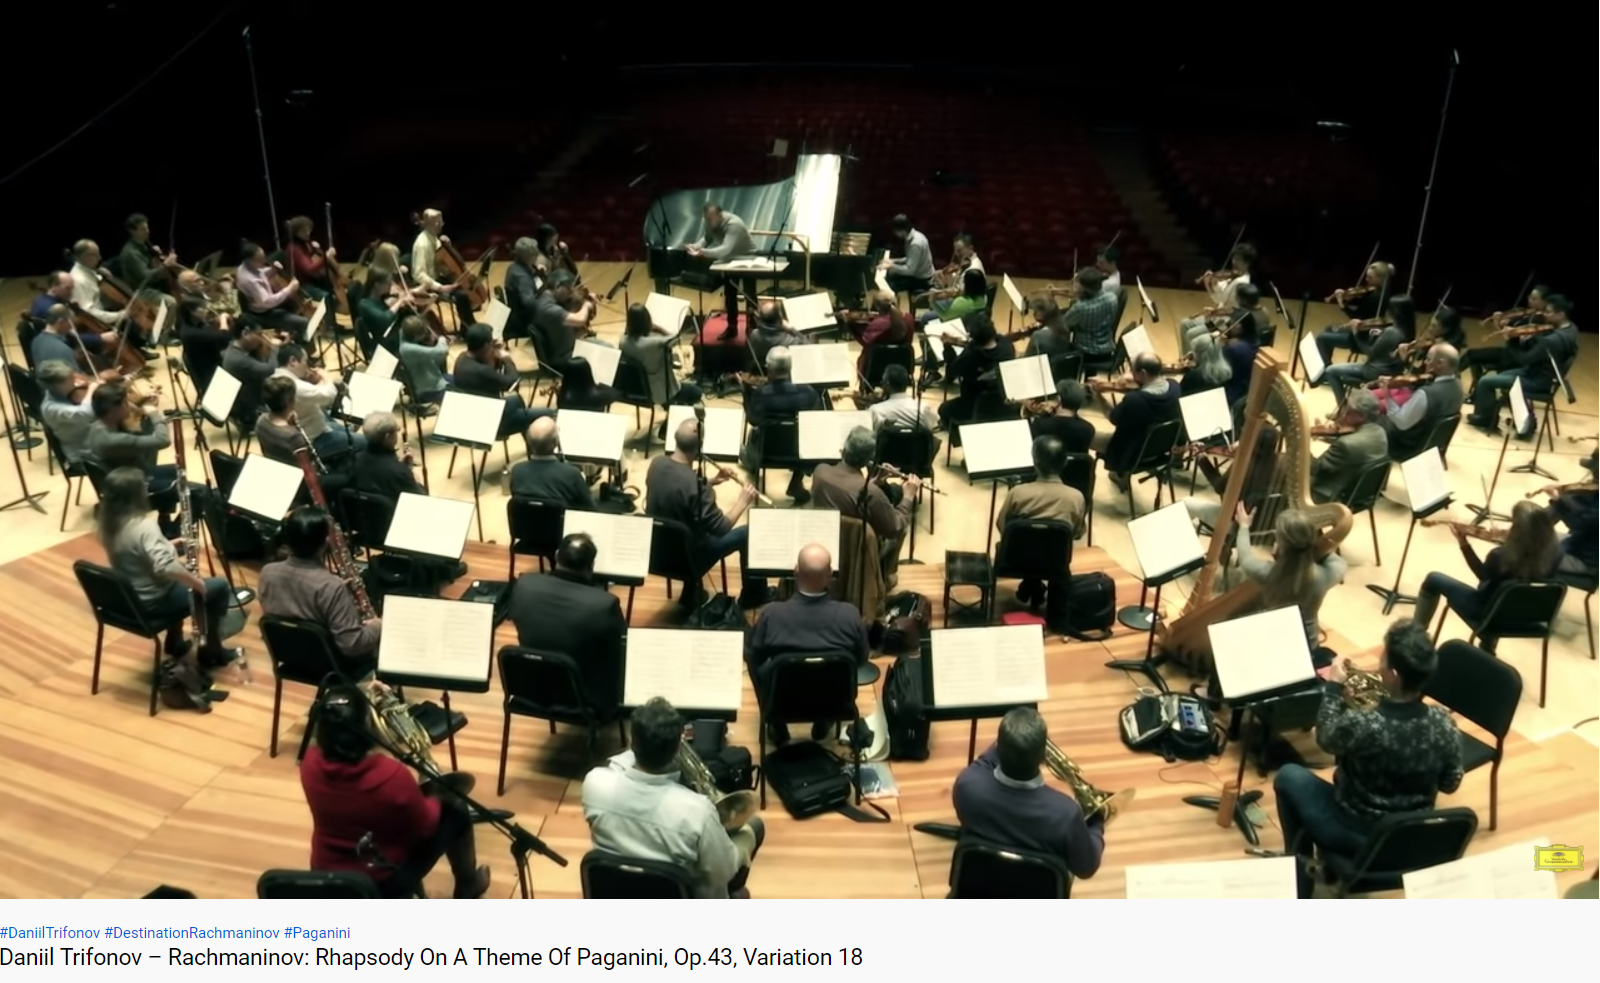 Rachmaninov Rhapsodie sur un thème de Pagananini op 43 variation 18